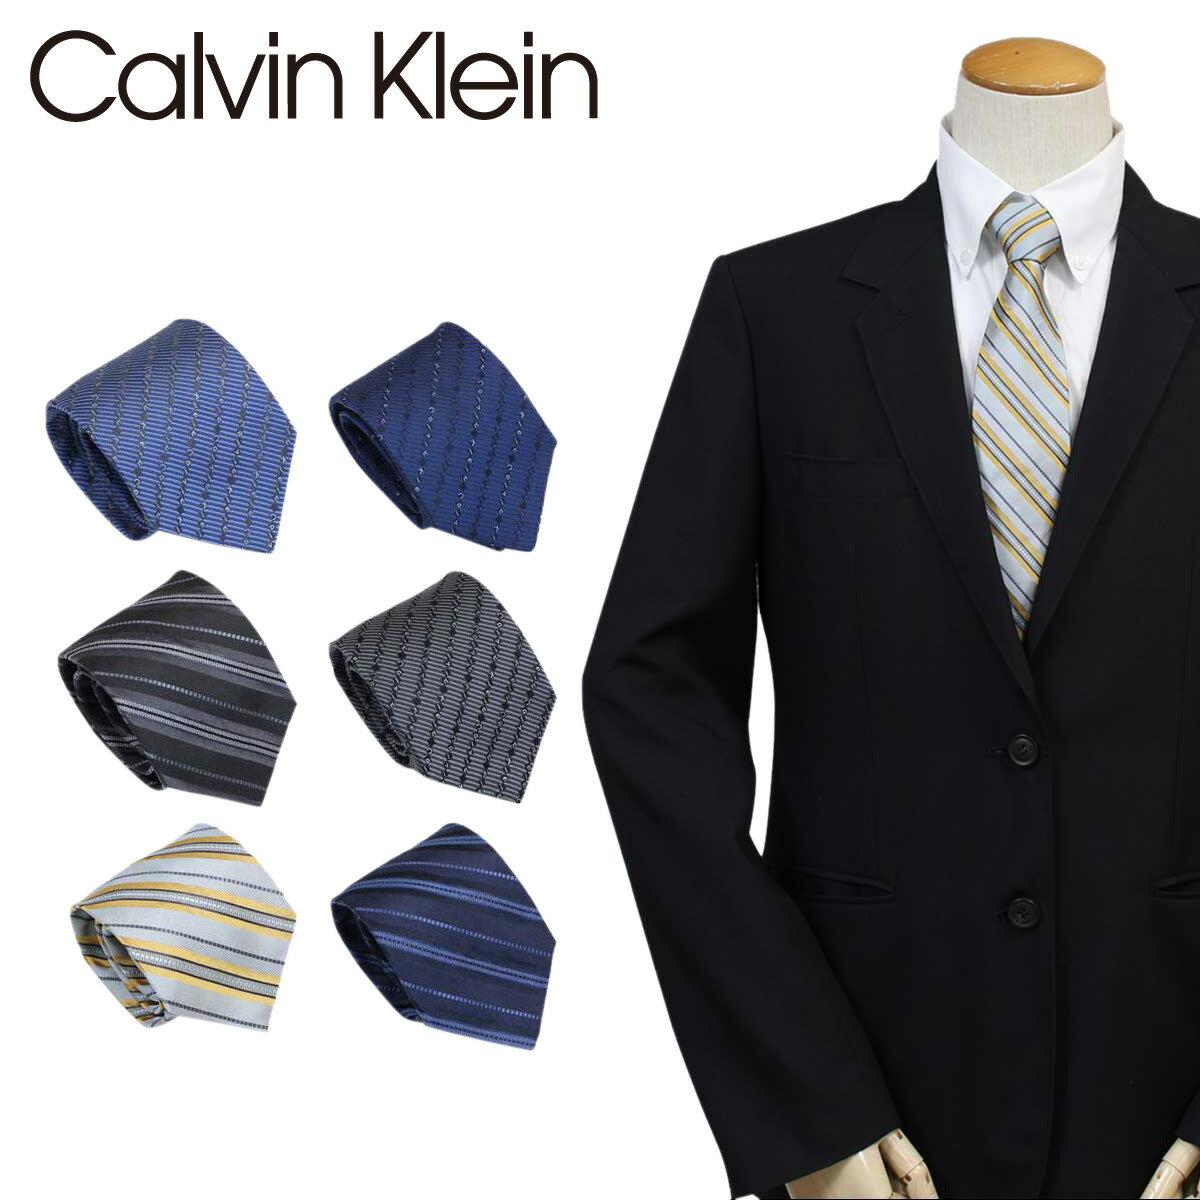 【最大2000円OFFクーポン】 カルバンクライン ネクタイ シルク Calvin Klein メンズ CK ビジネス 結婚式 [9/5 追加入荷]